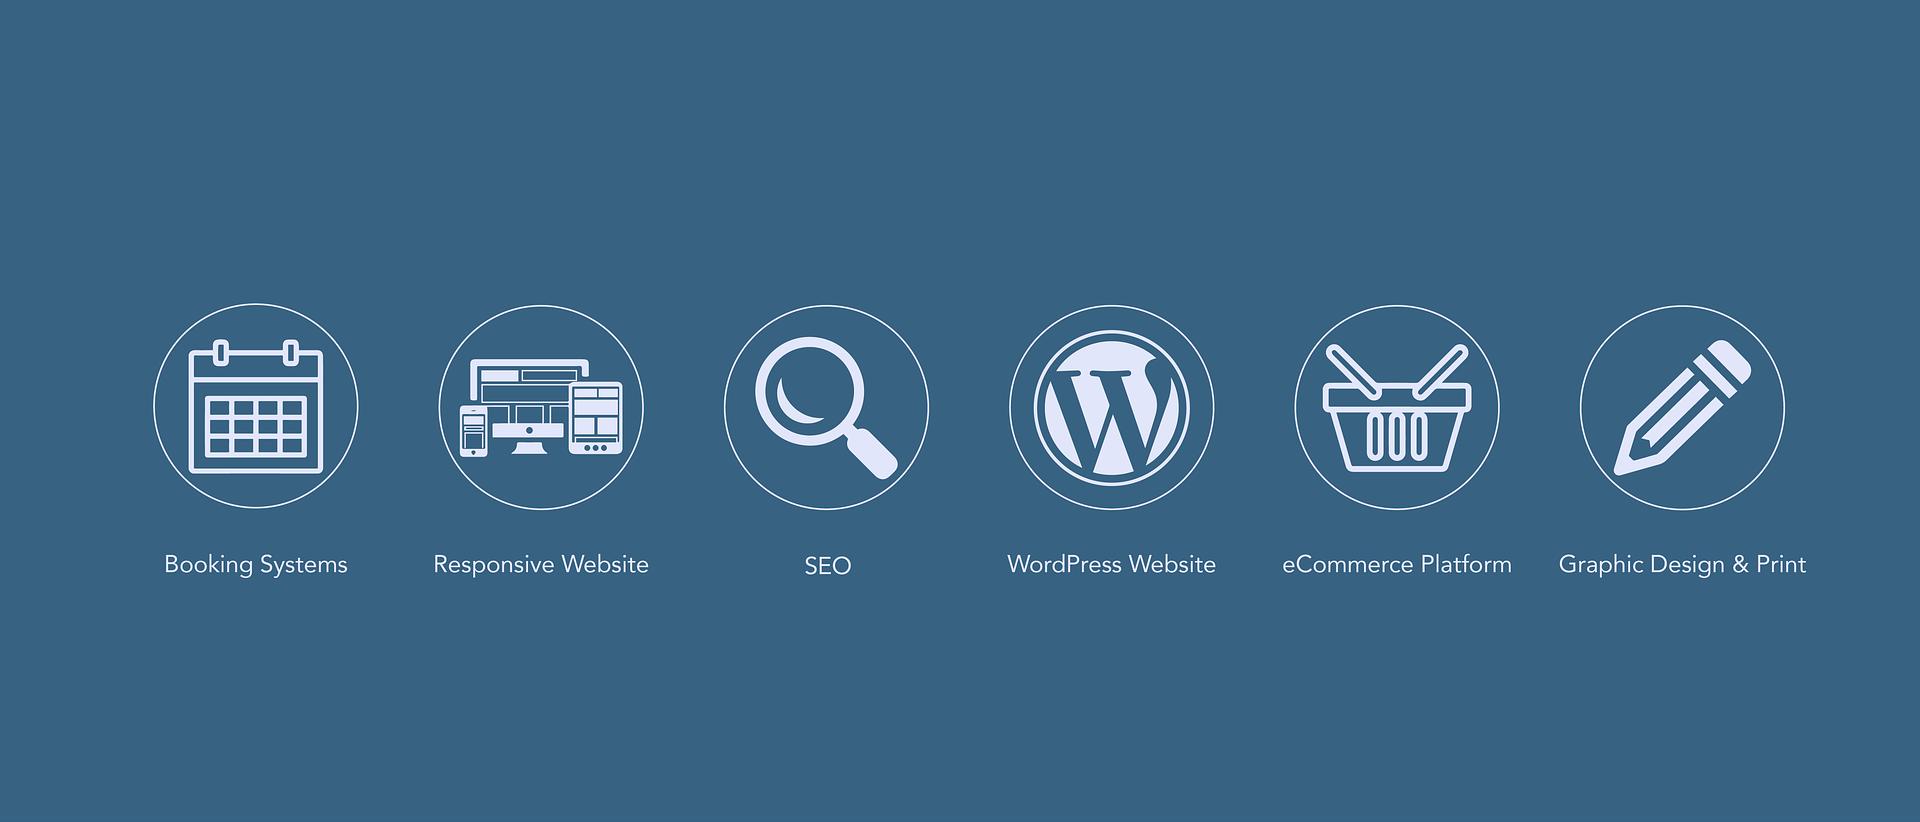 wordpressでデザインを自作する方法とかっこいいトップページの一覧